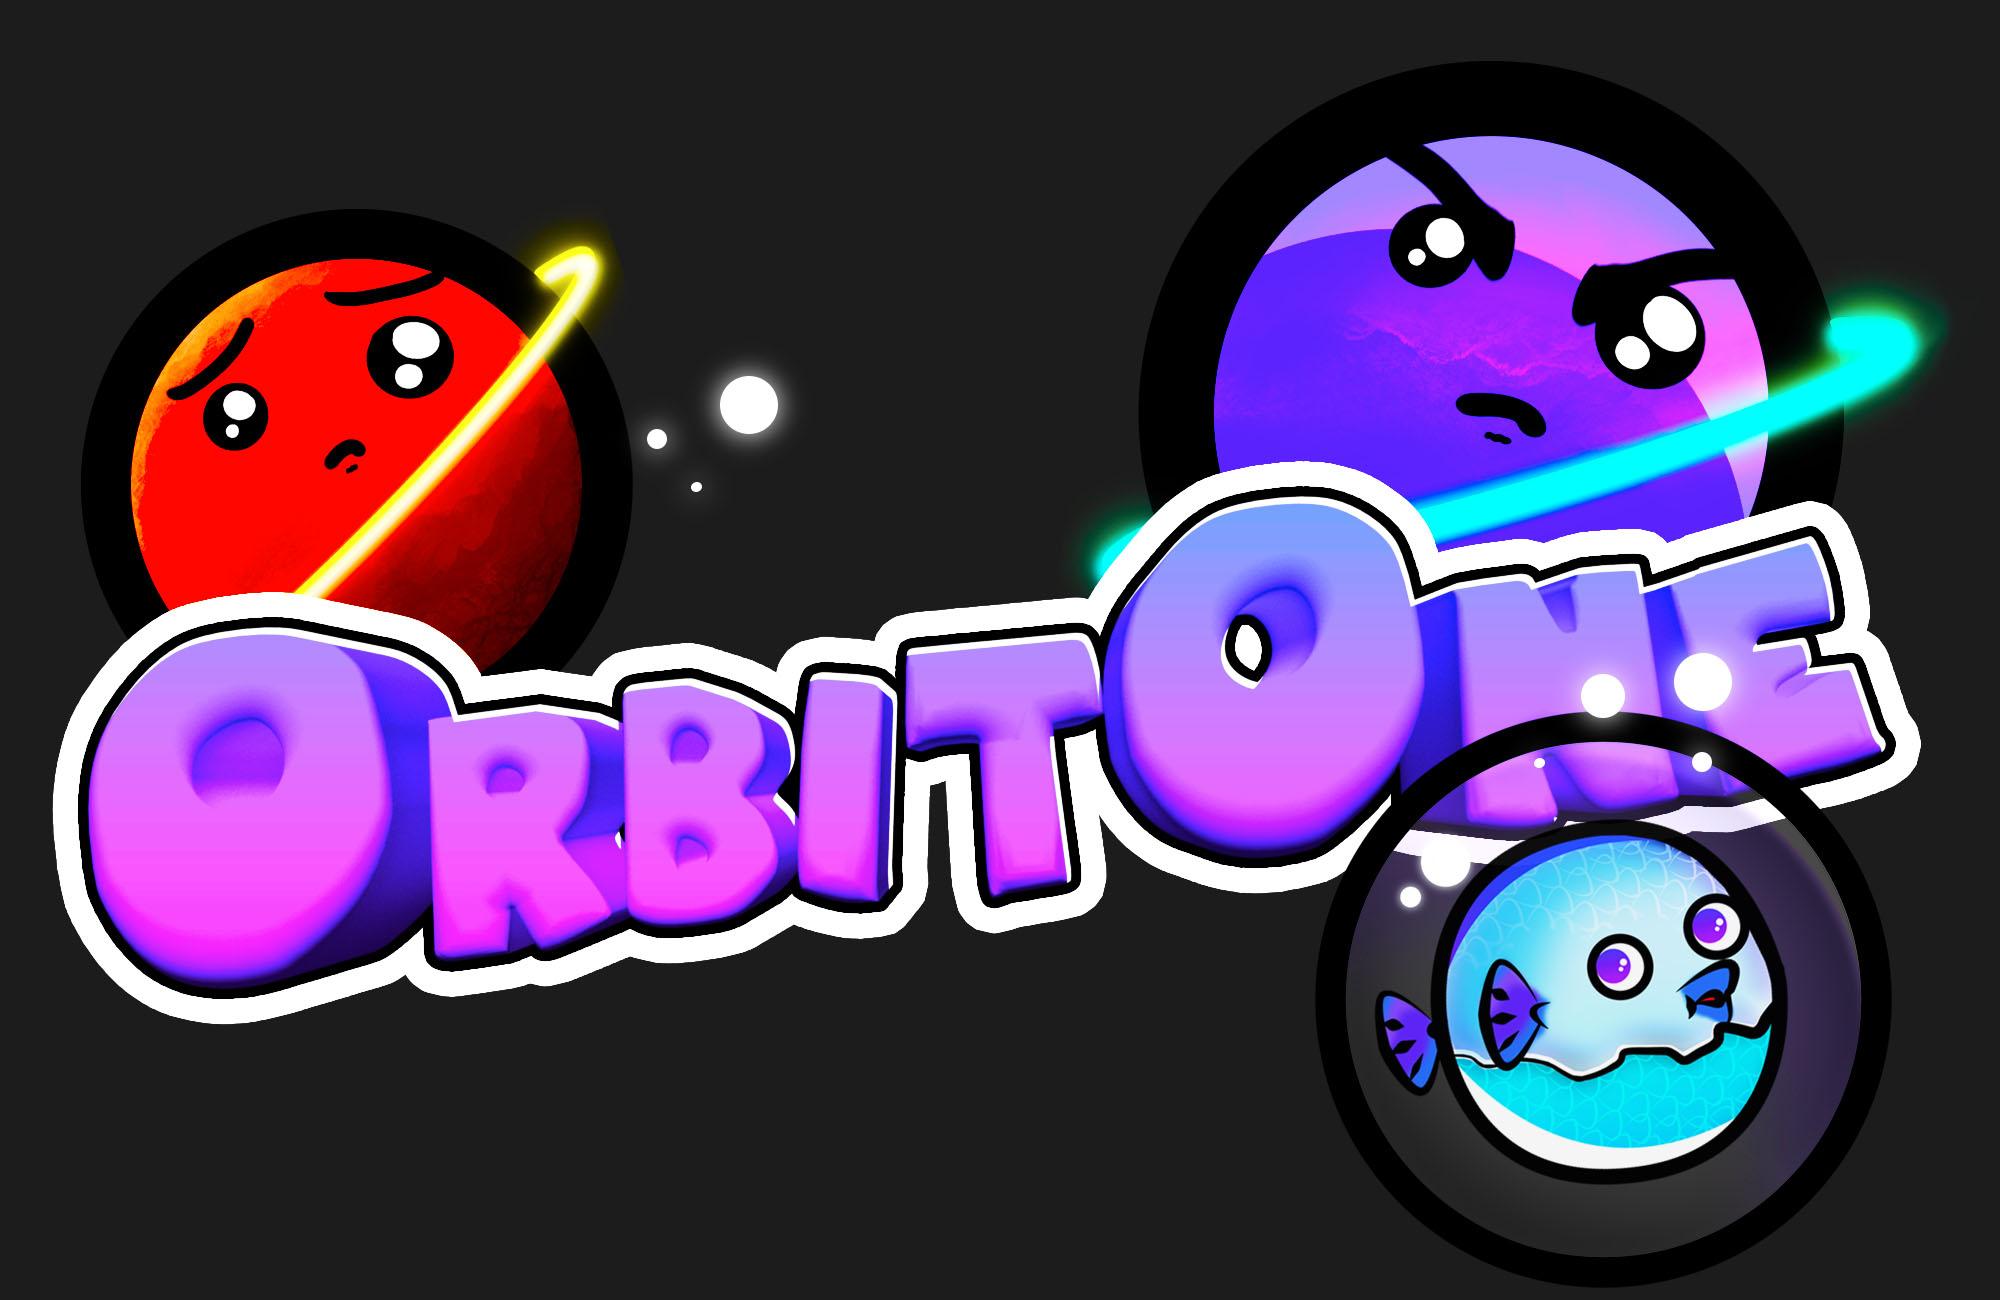 OrbitOne